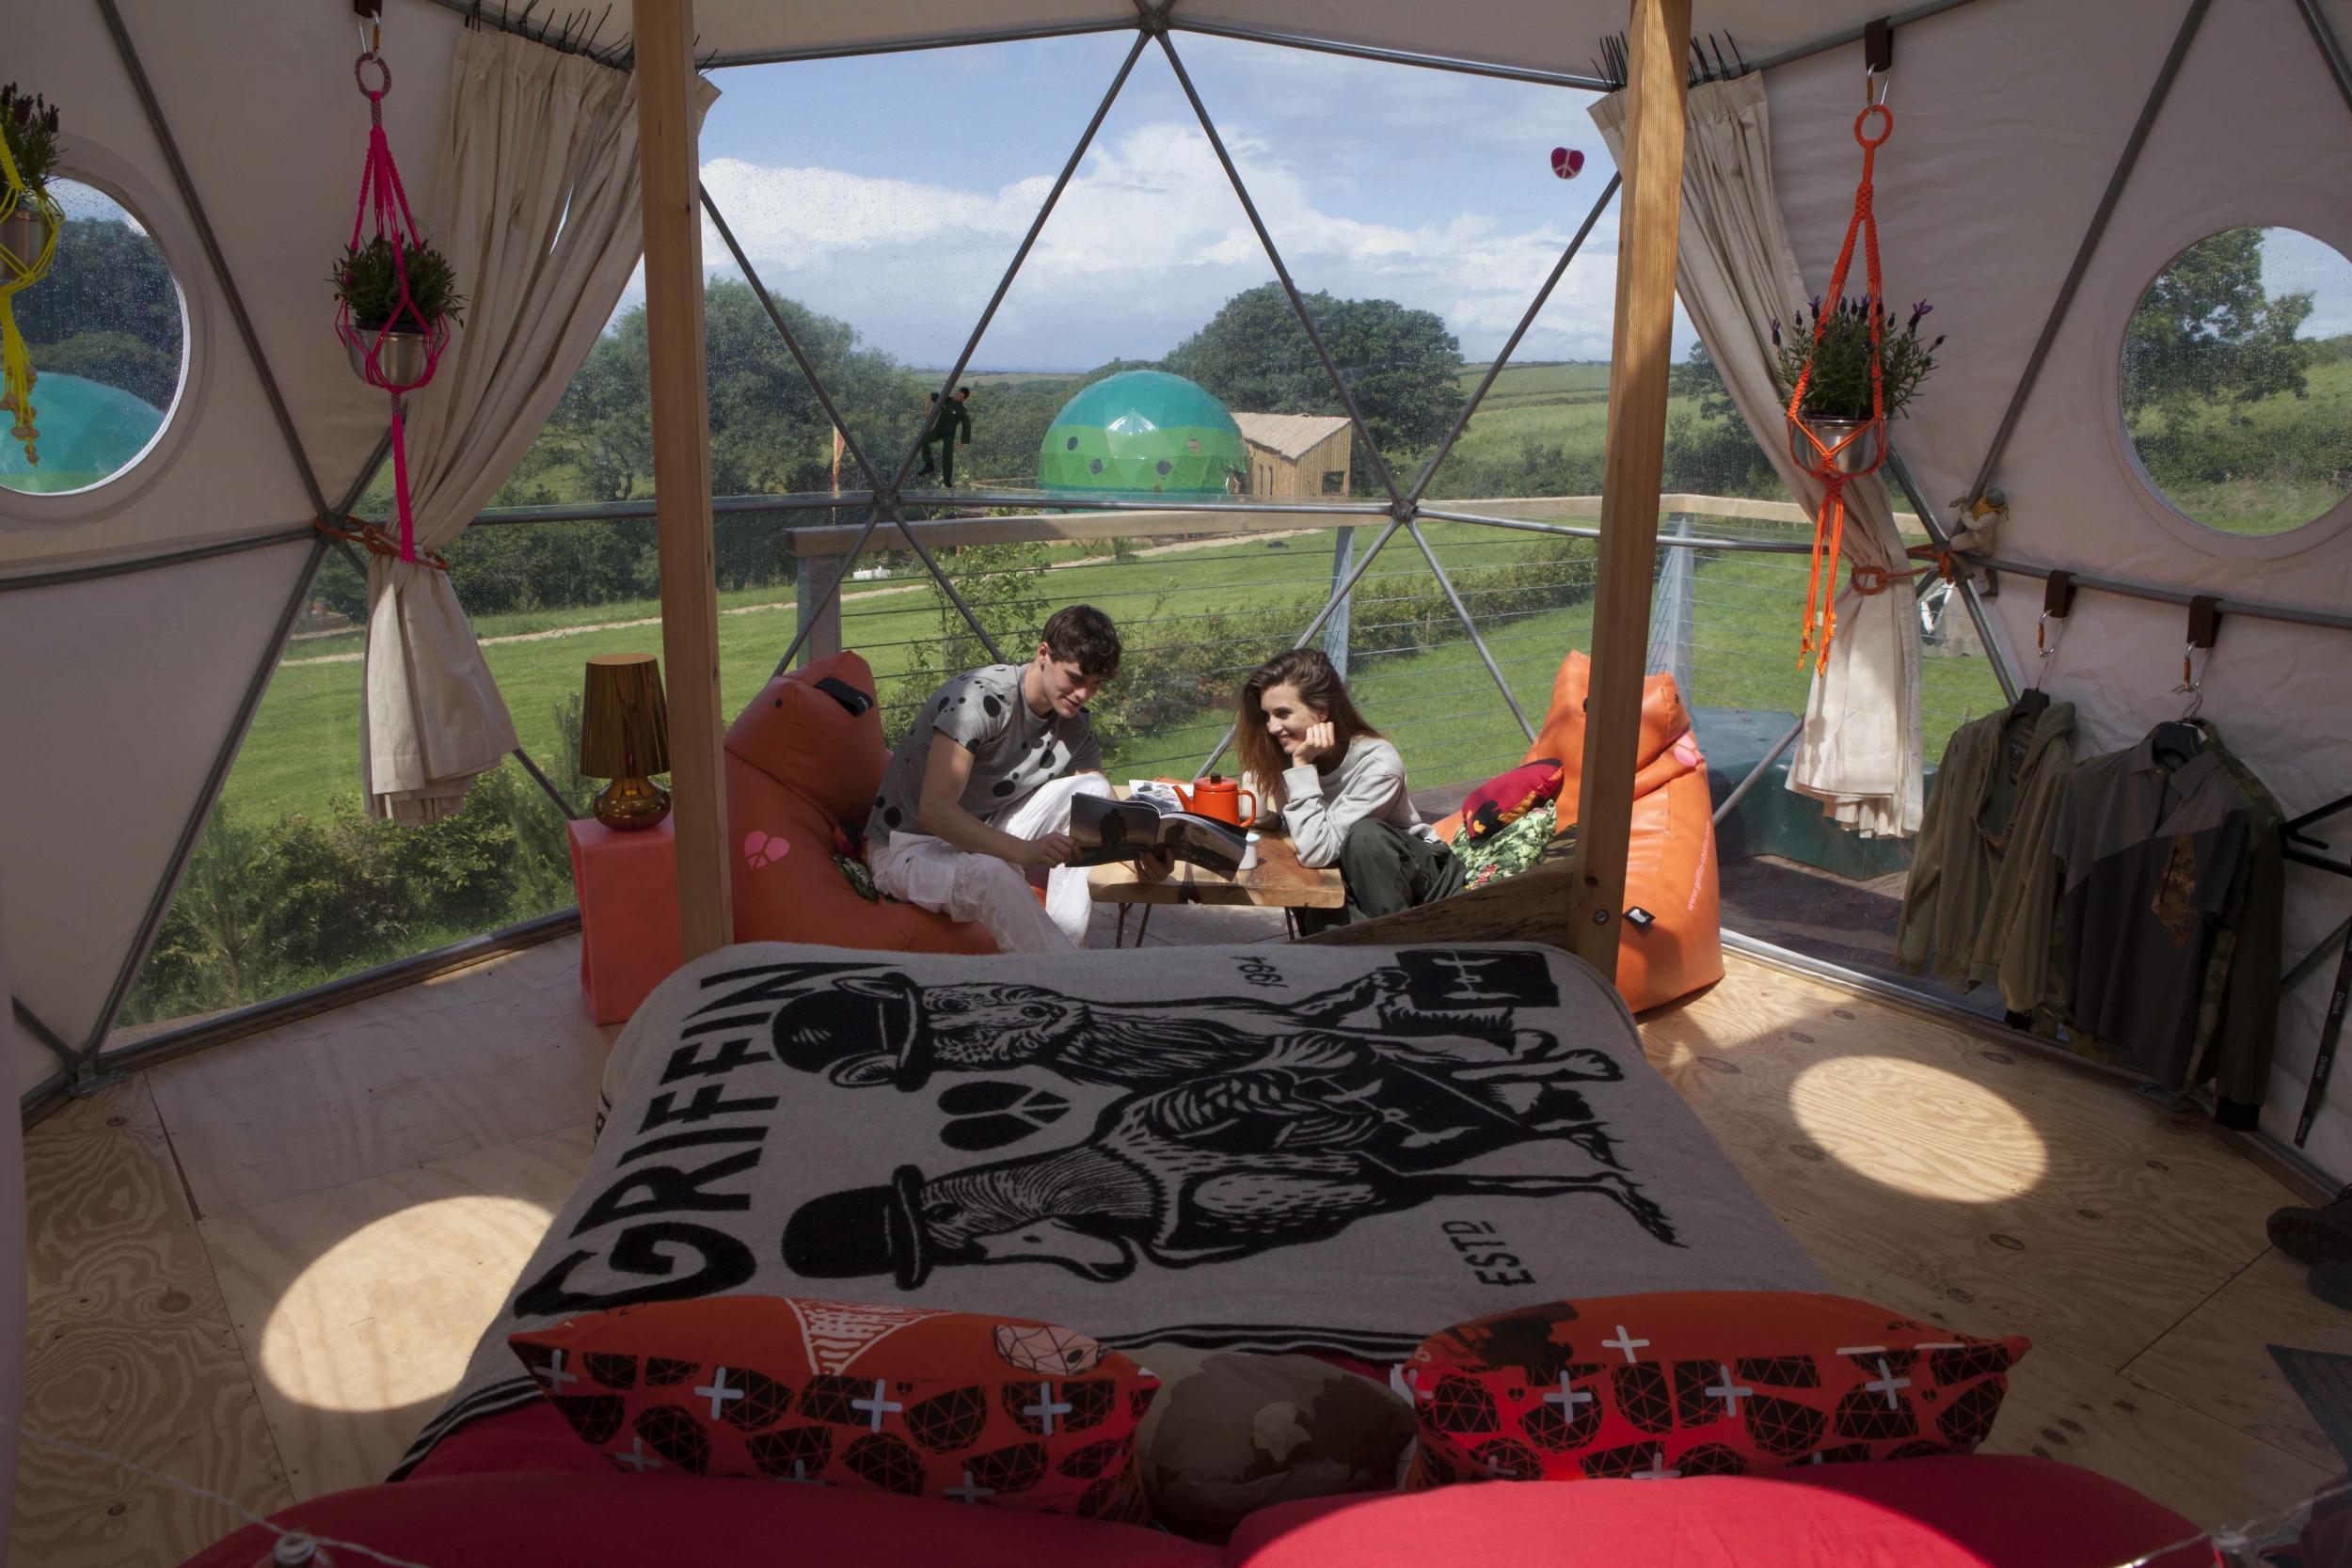 10 of the best luxury coastal campsites in Britain